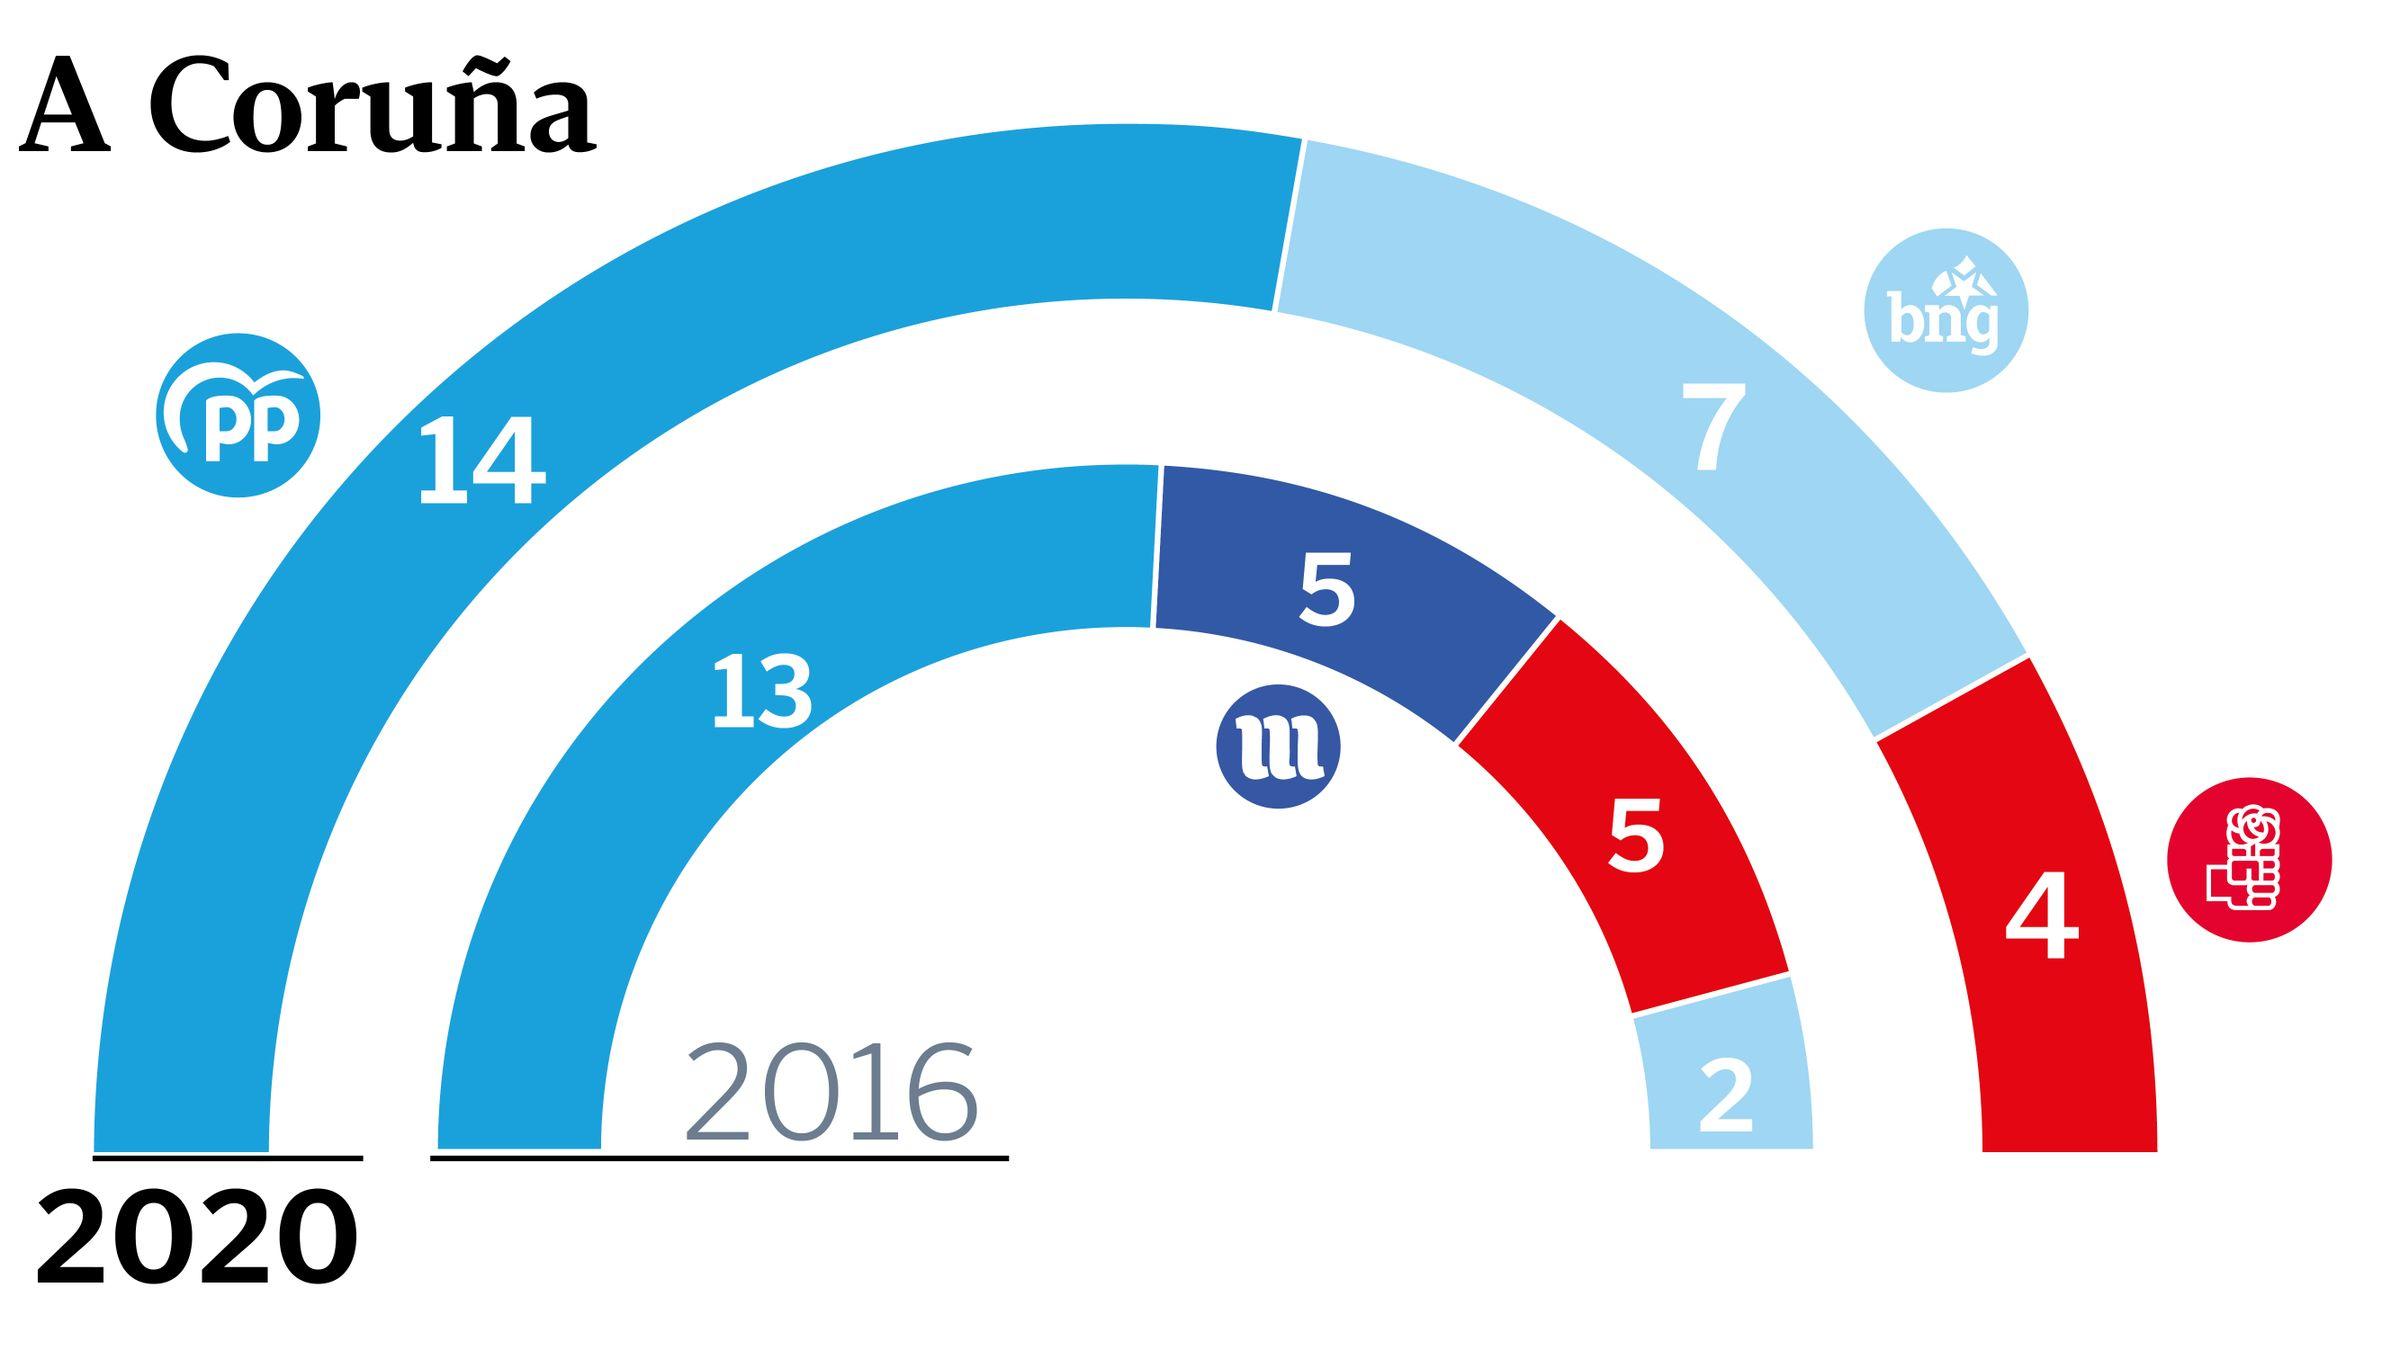 Asívotó A Coruña en las primeras elecciones poscovid.Médicos y personal del Hotel Finisterre, en A Coruña. Imagen de la noche de este lunes